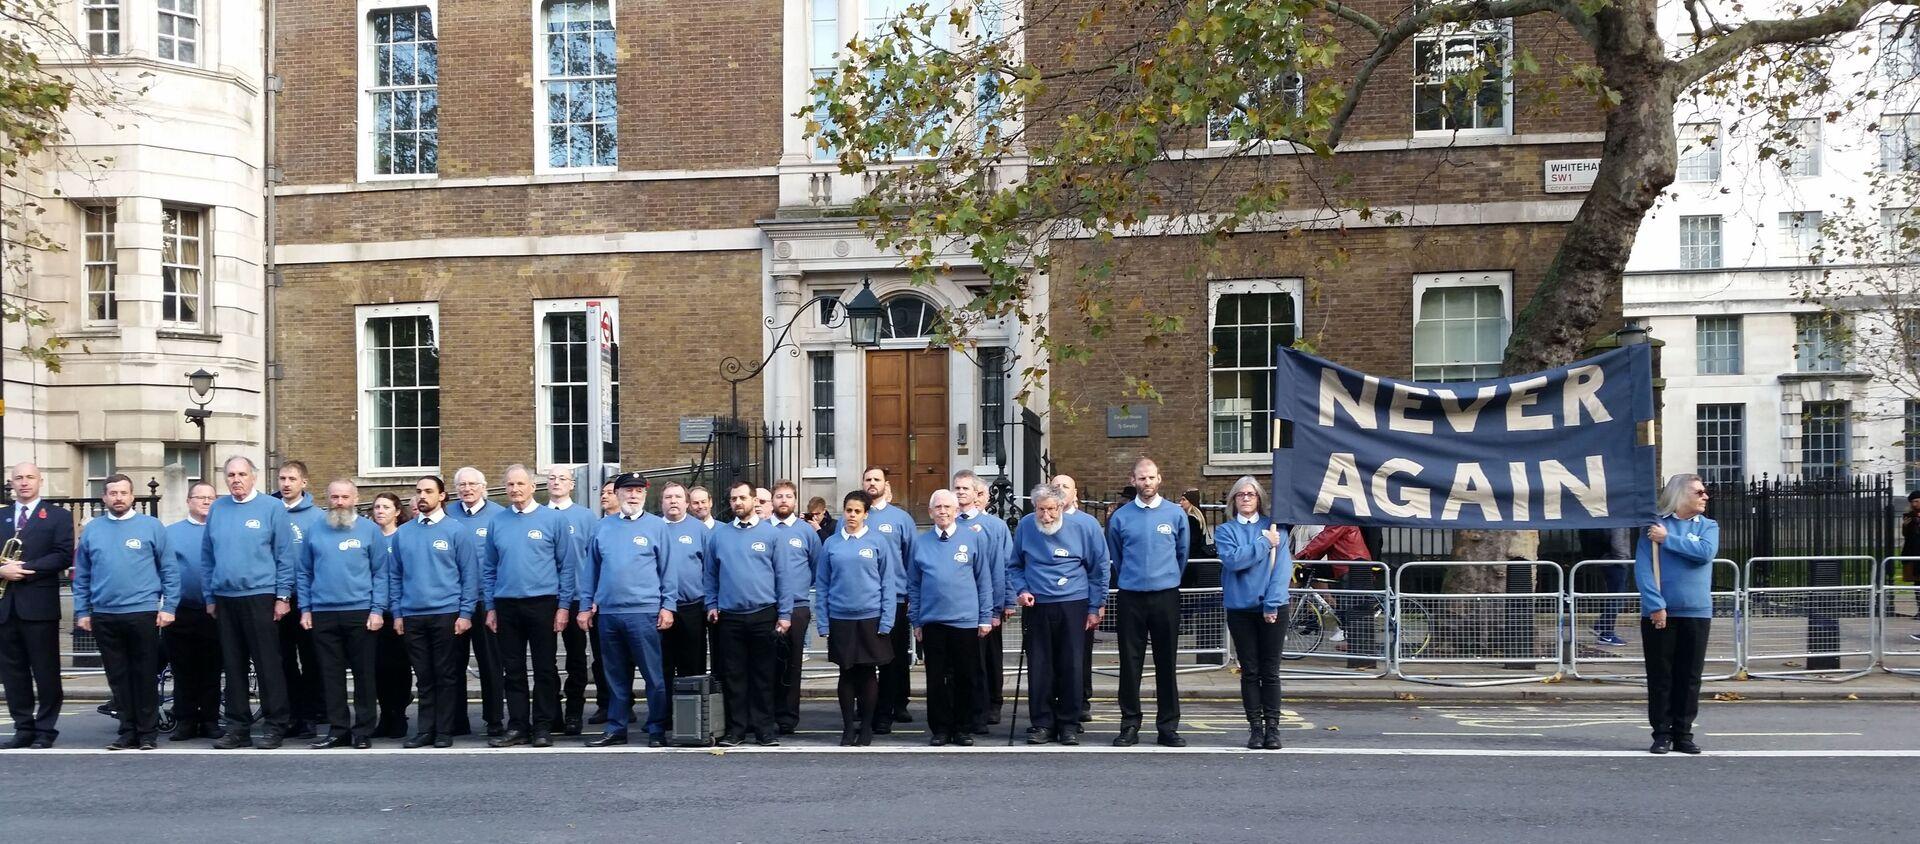 Veterans for Peace UK stand across from Cenotaph 10 Nov 2019-min - Sputnik International, 1920, 06.01.2020